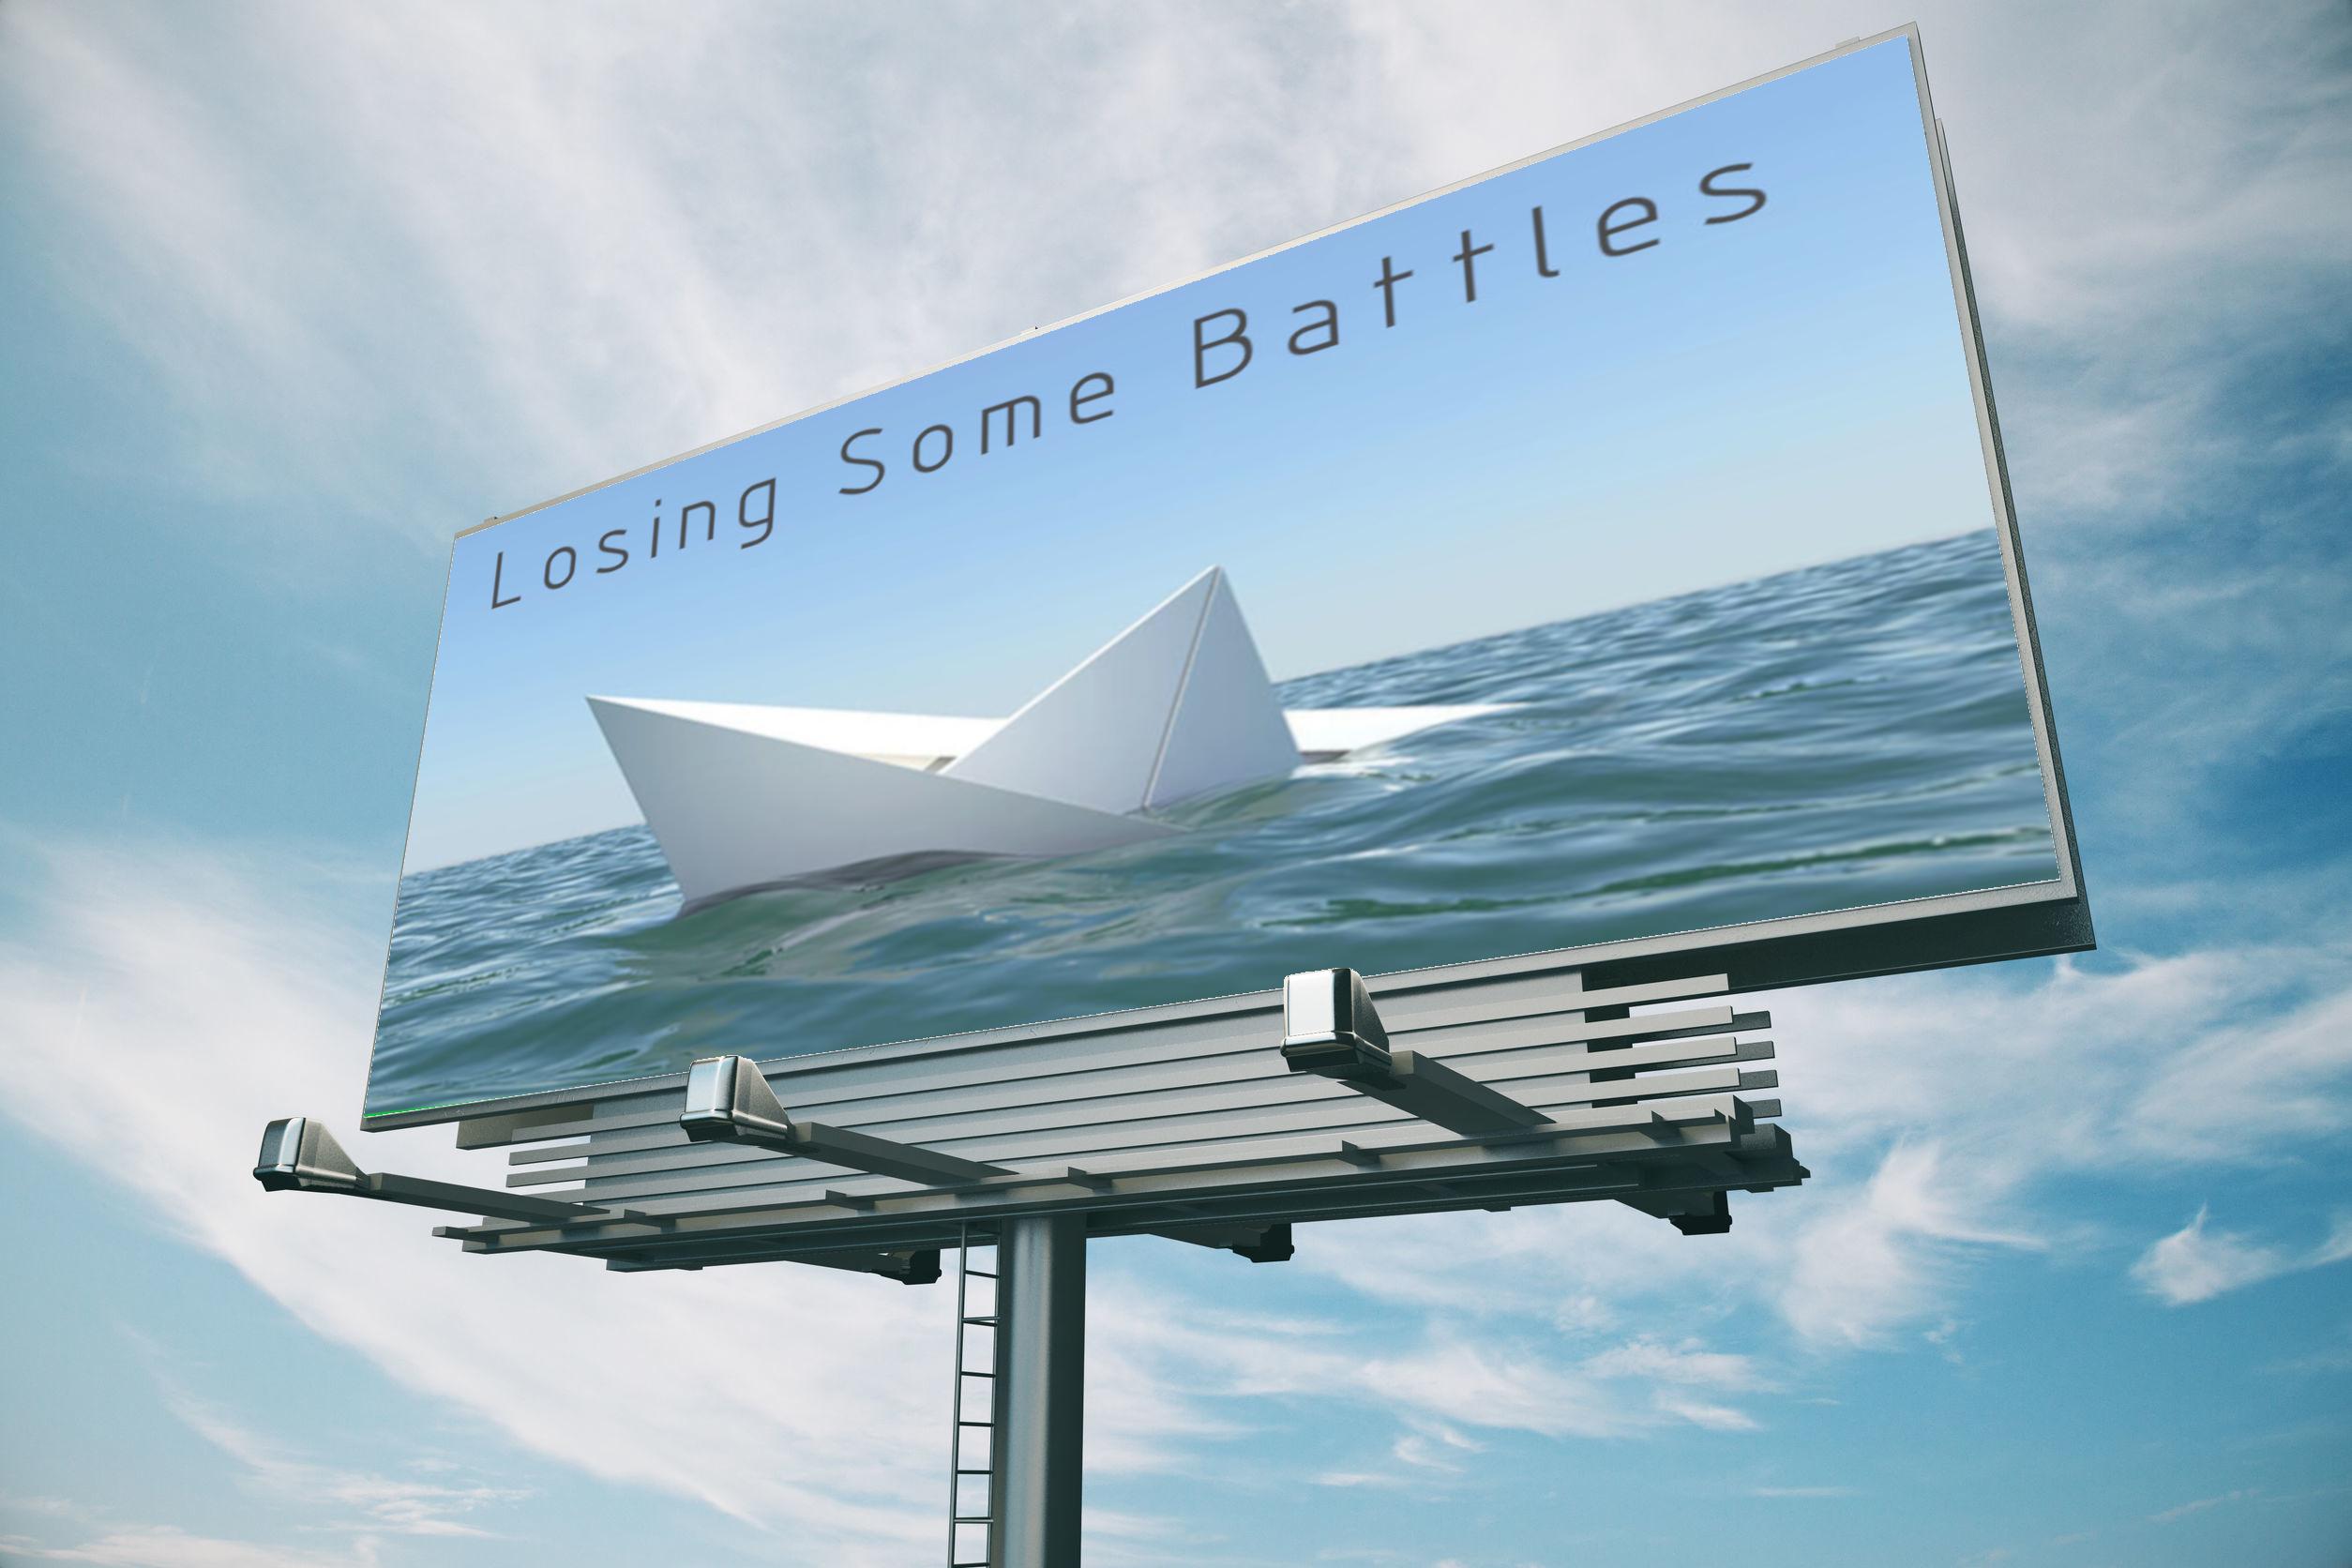 Losing Some Battles - Bill Board